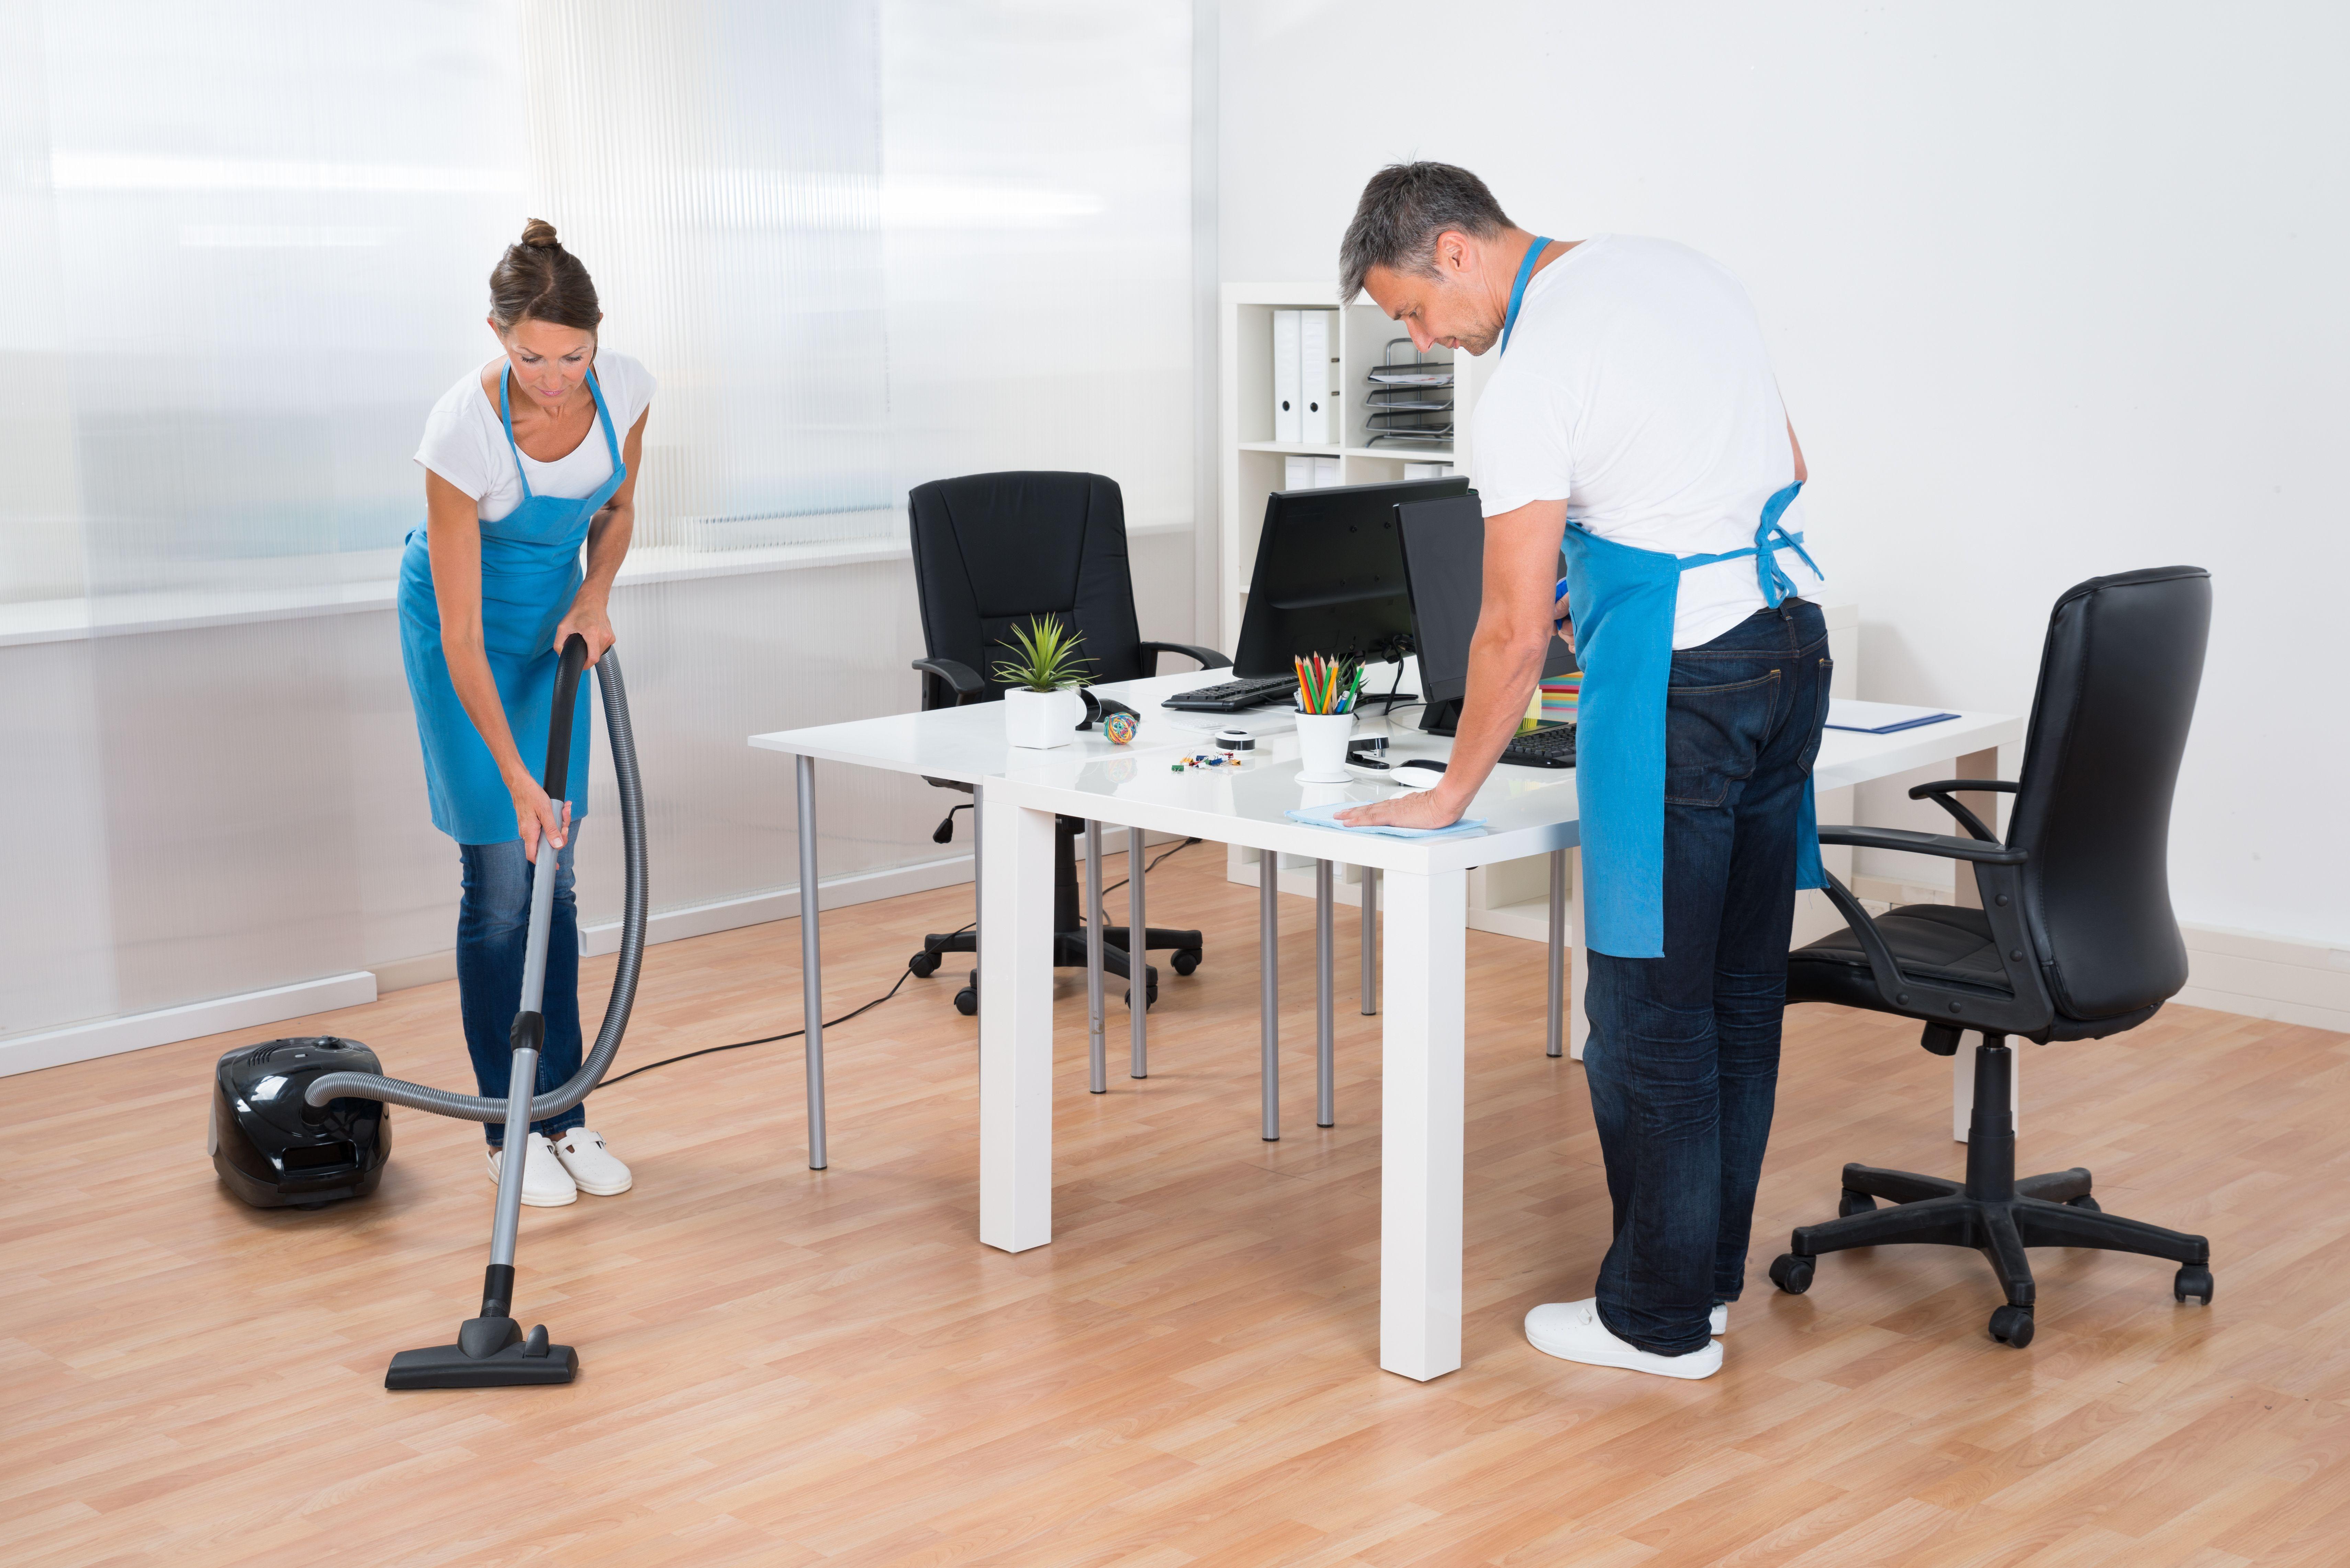 Oficinas y despachos: Limpiezas de Serclear